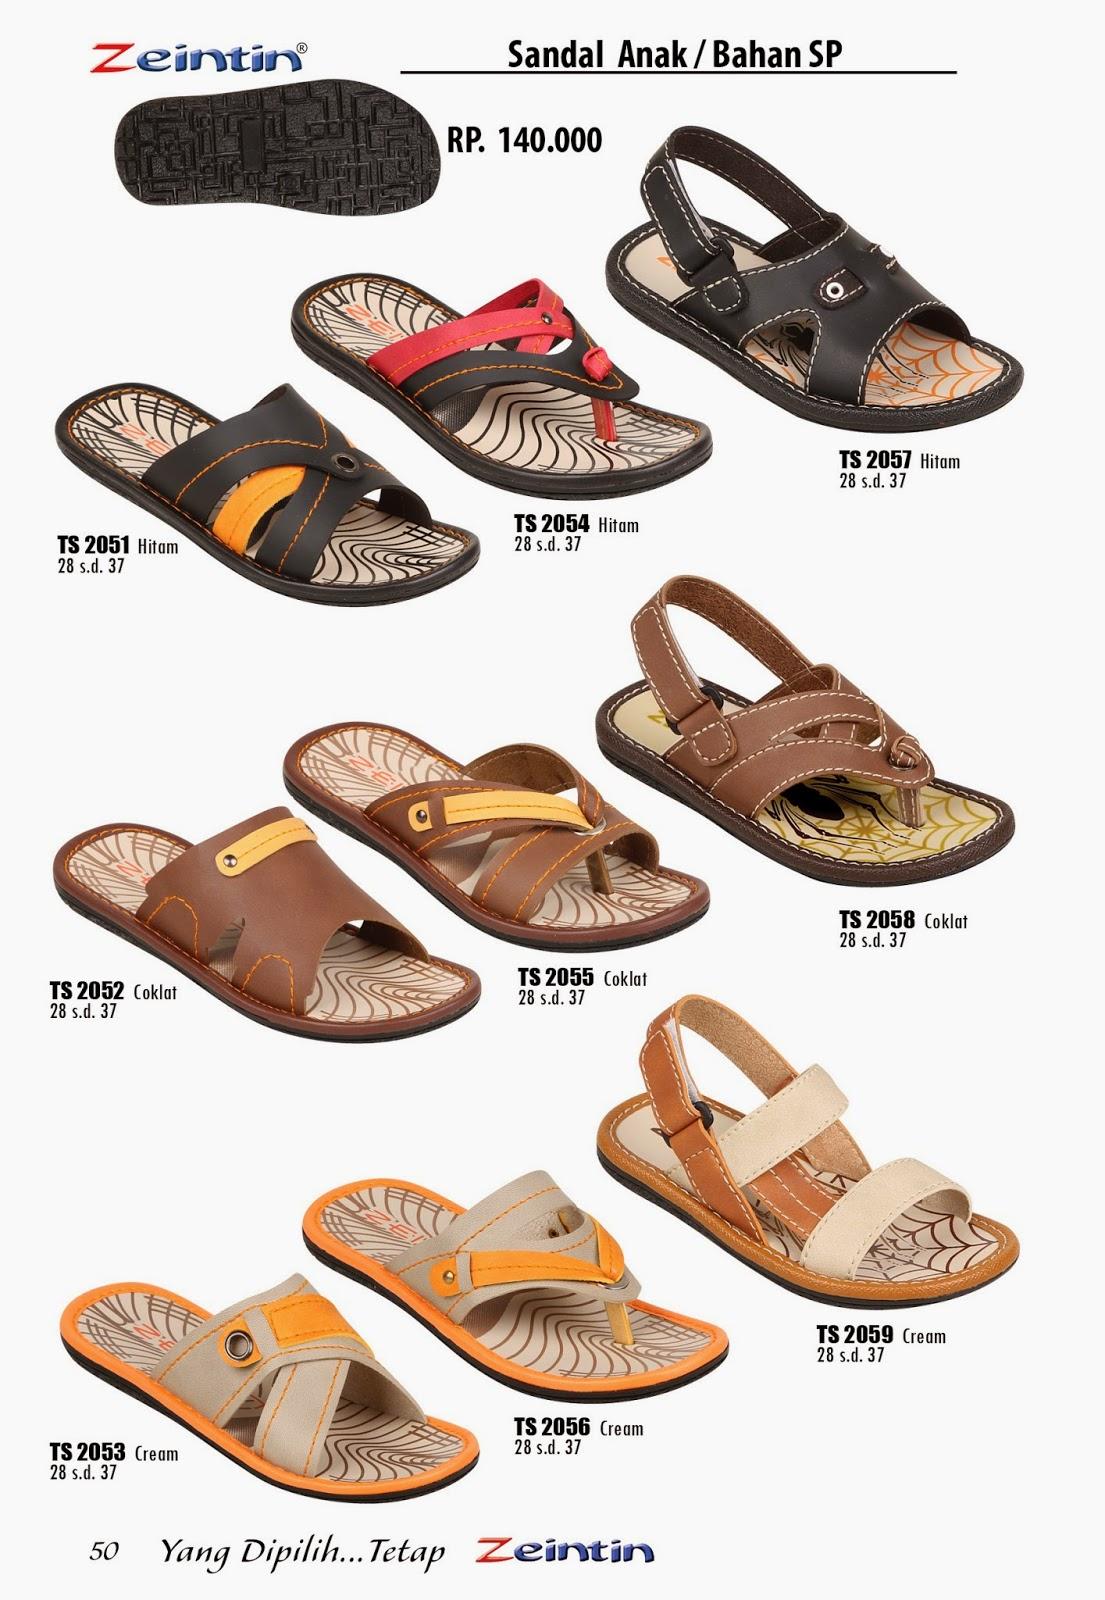 Sandal Anak Zeintin Katalog Edisi Brilian 11